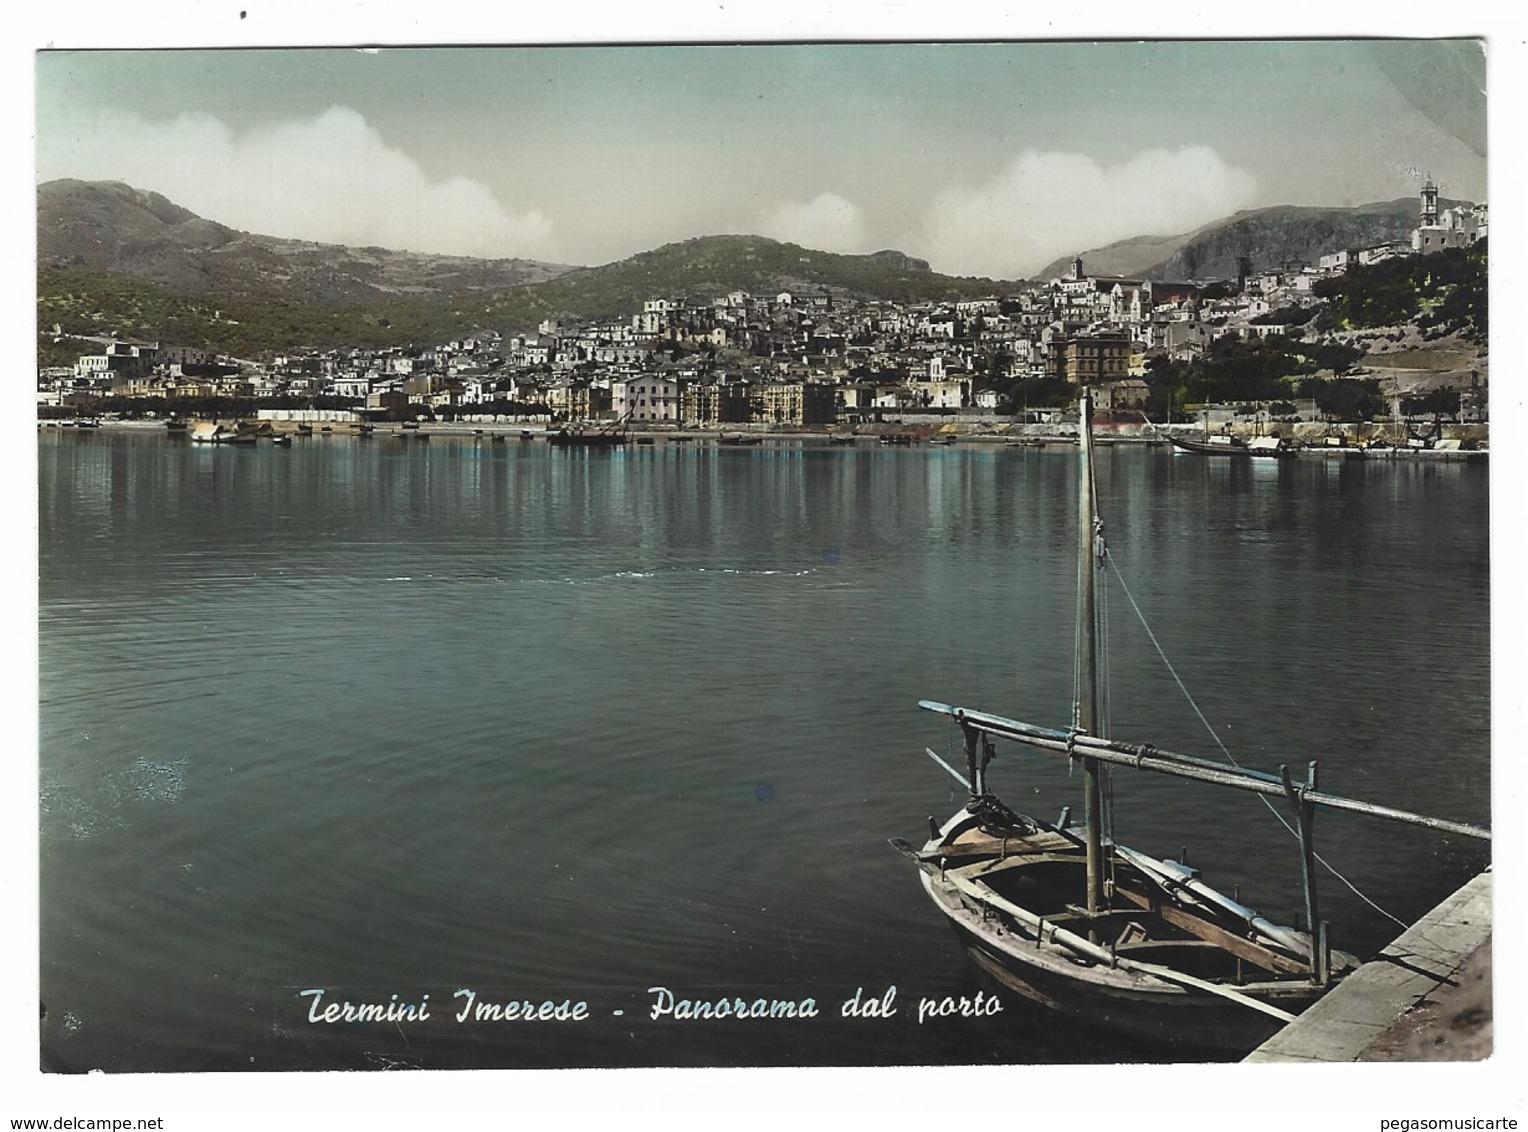 2660 - TERMINI IMERESE PALERMO PANORAMA DAL PORTO 1950 CIRCA - Altre Città